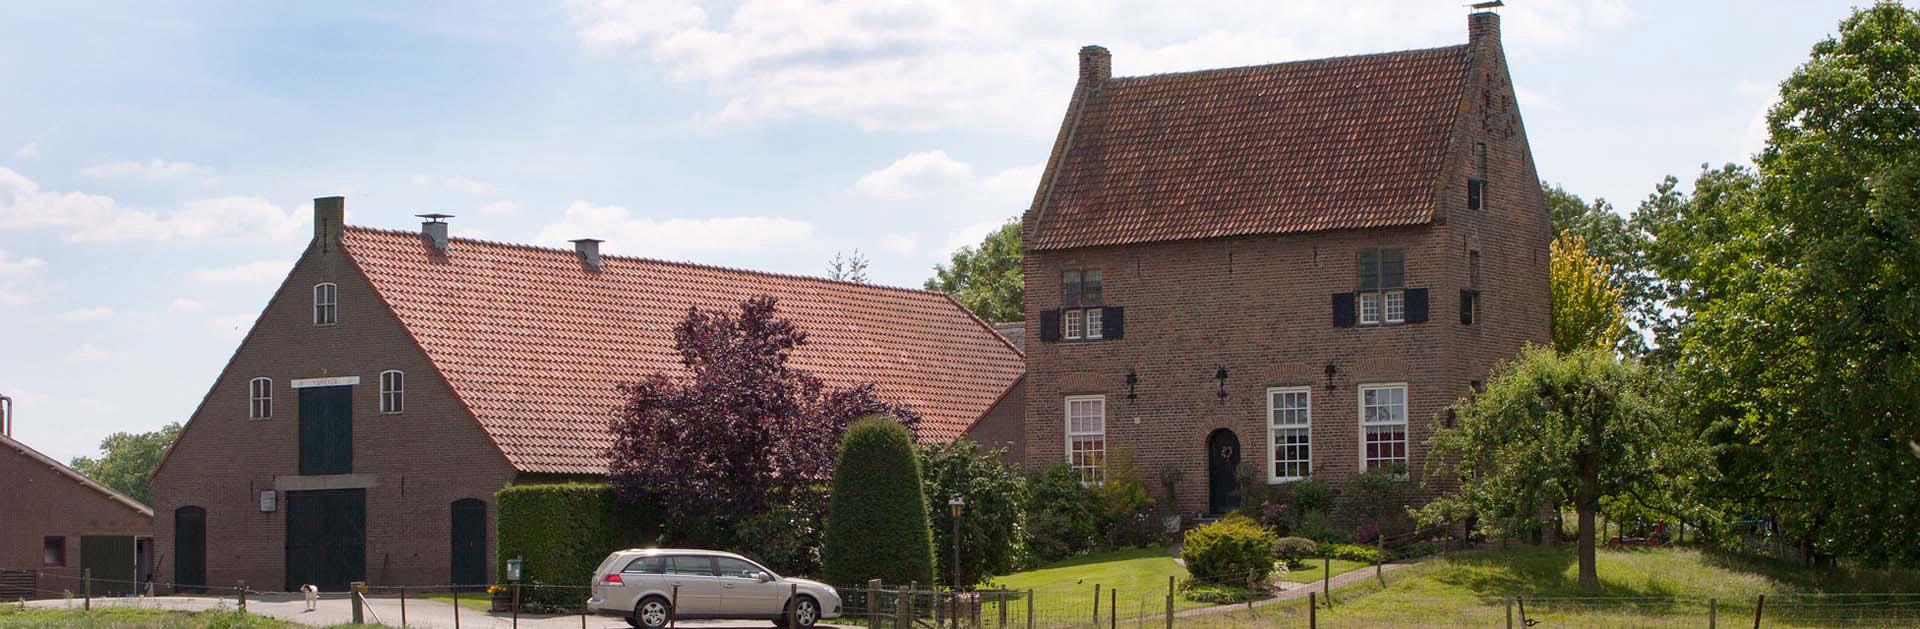 Havezate 't Spieker - Vierakker Regio Achterhoek - Liemers